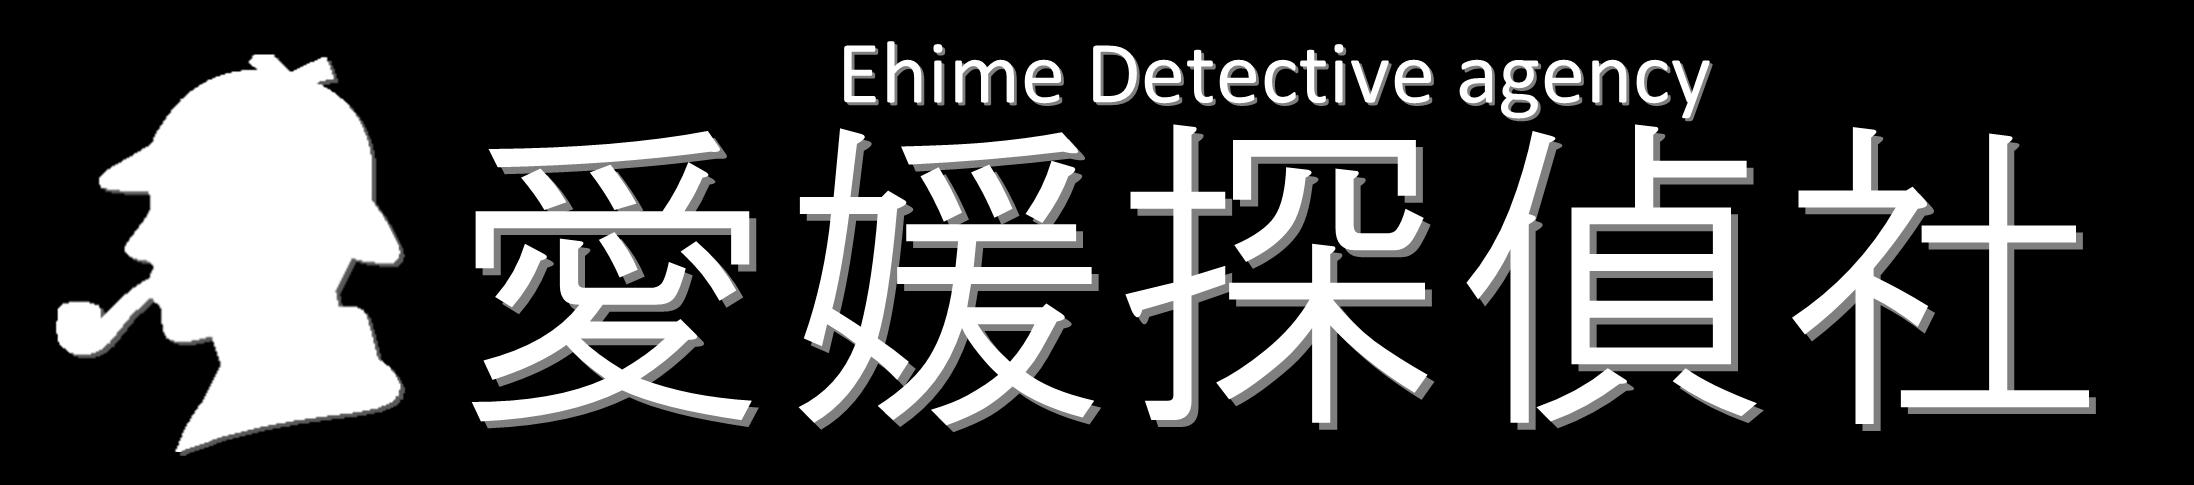 愛媛の探偵事務所|総合探偵事務所 愛媛探偵社